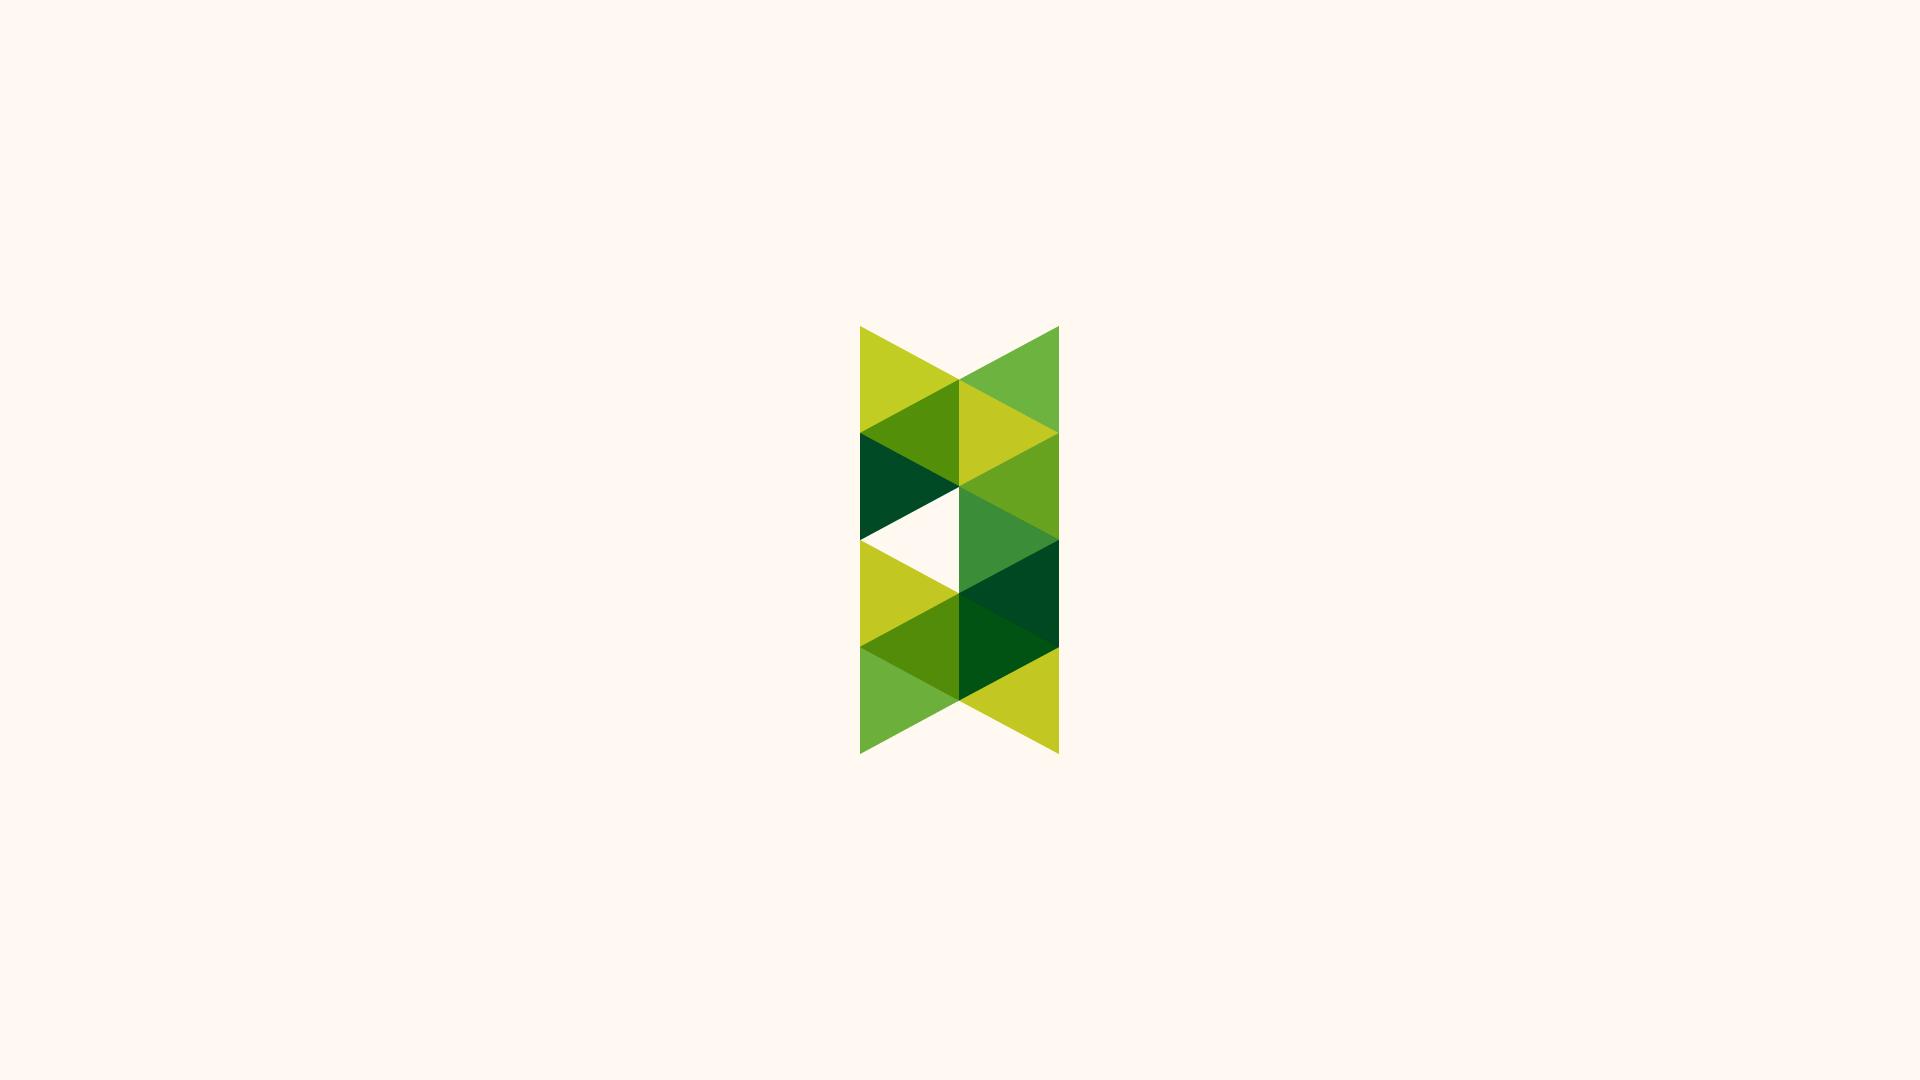 SDDC_concept_V04-05.jpg